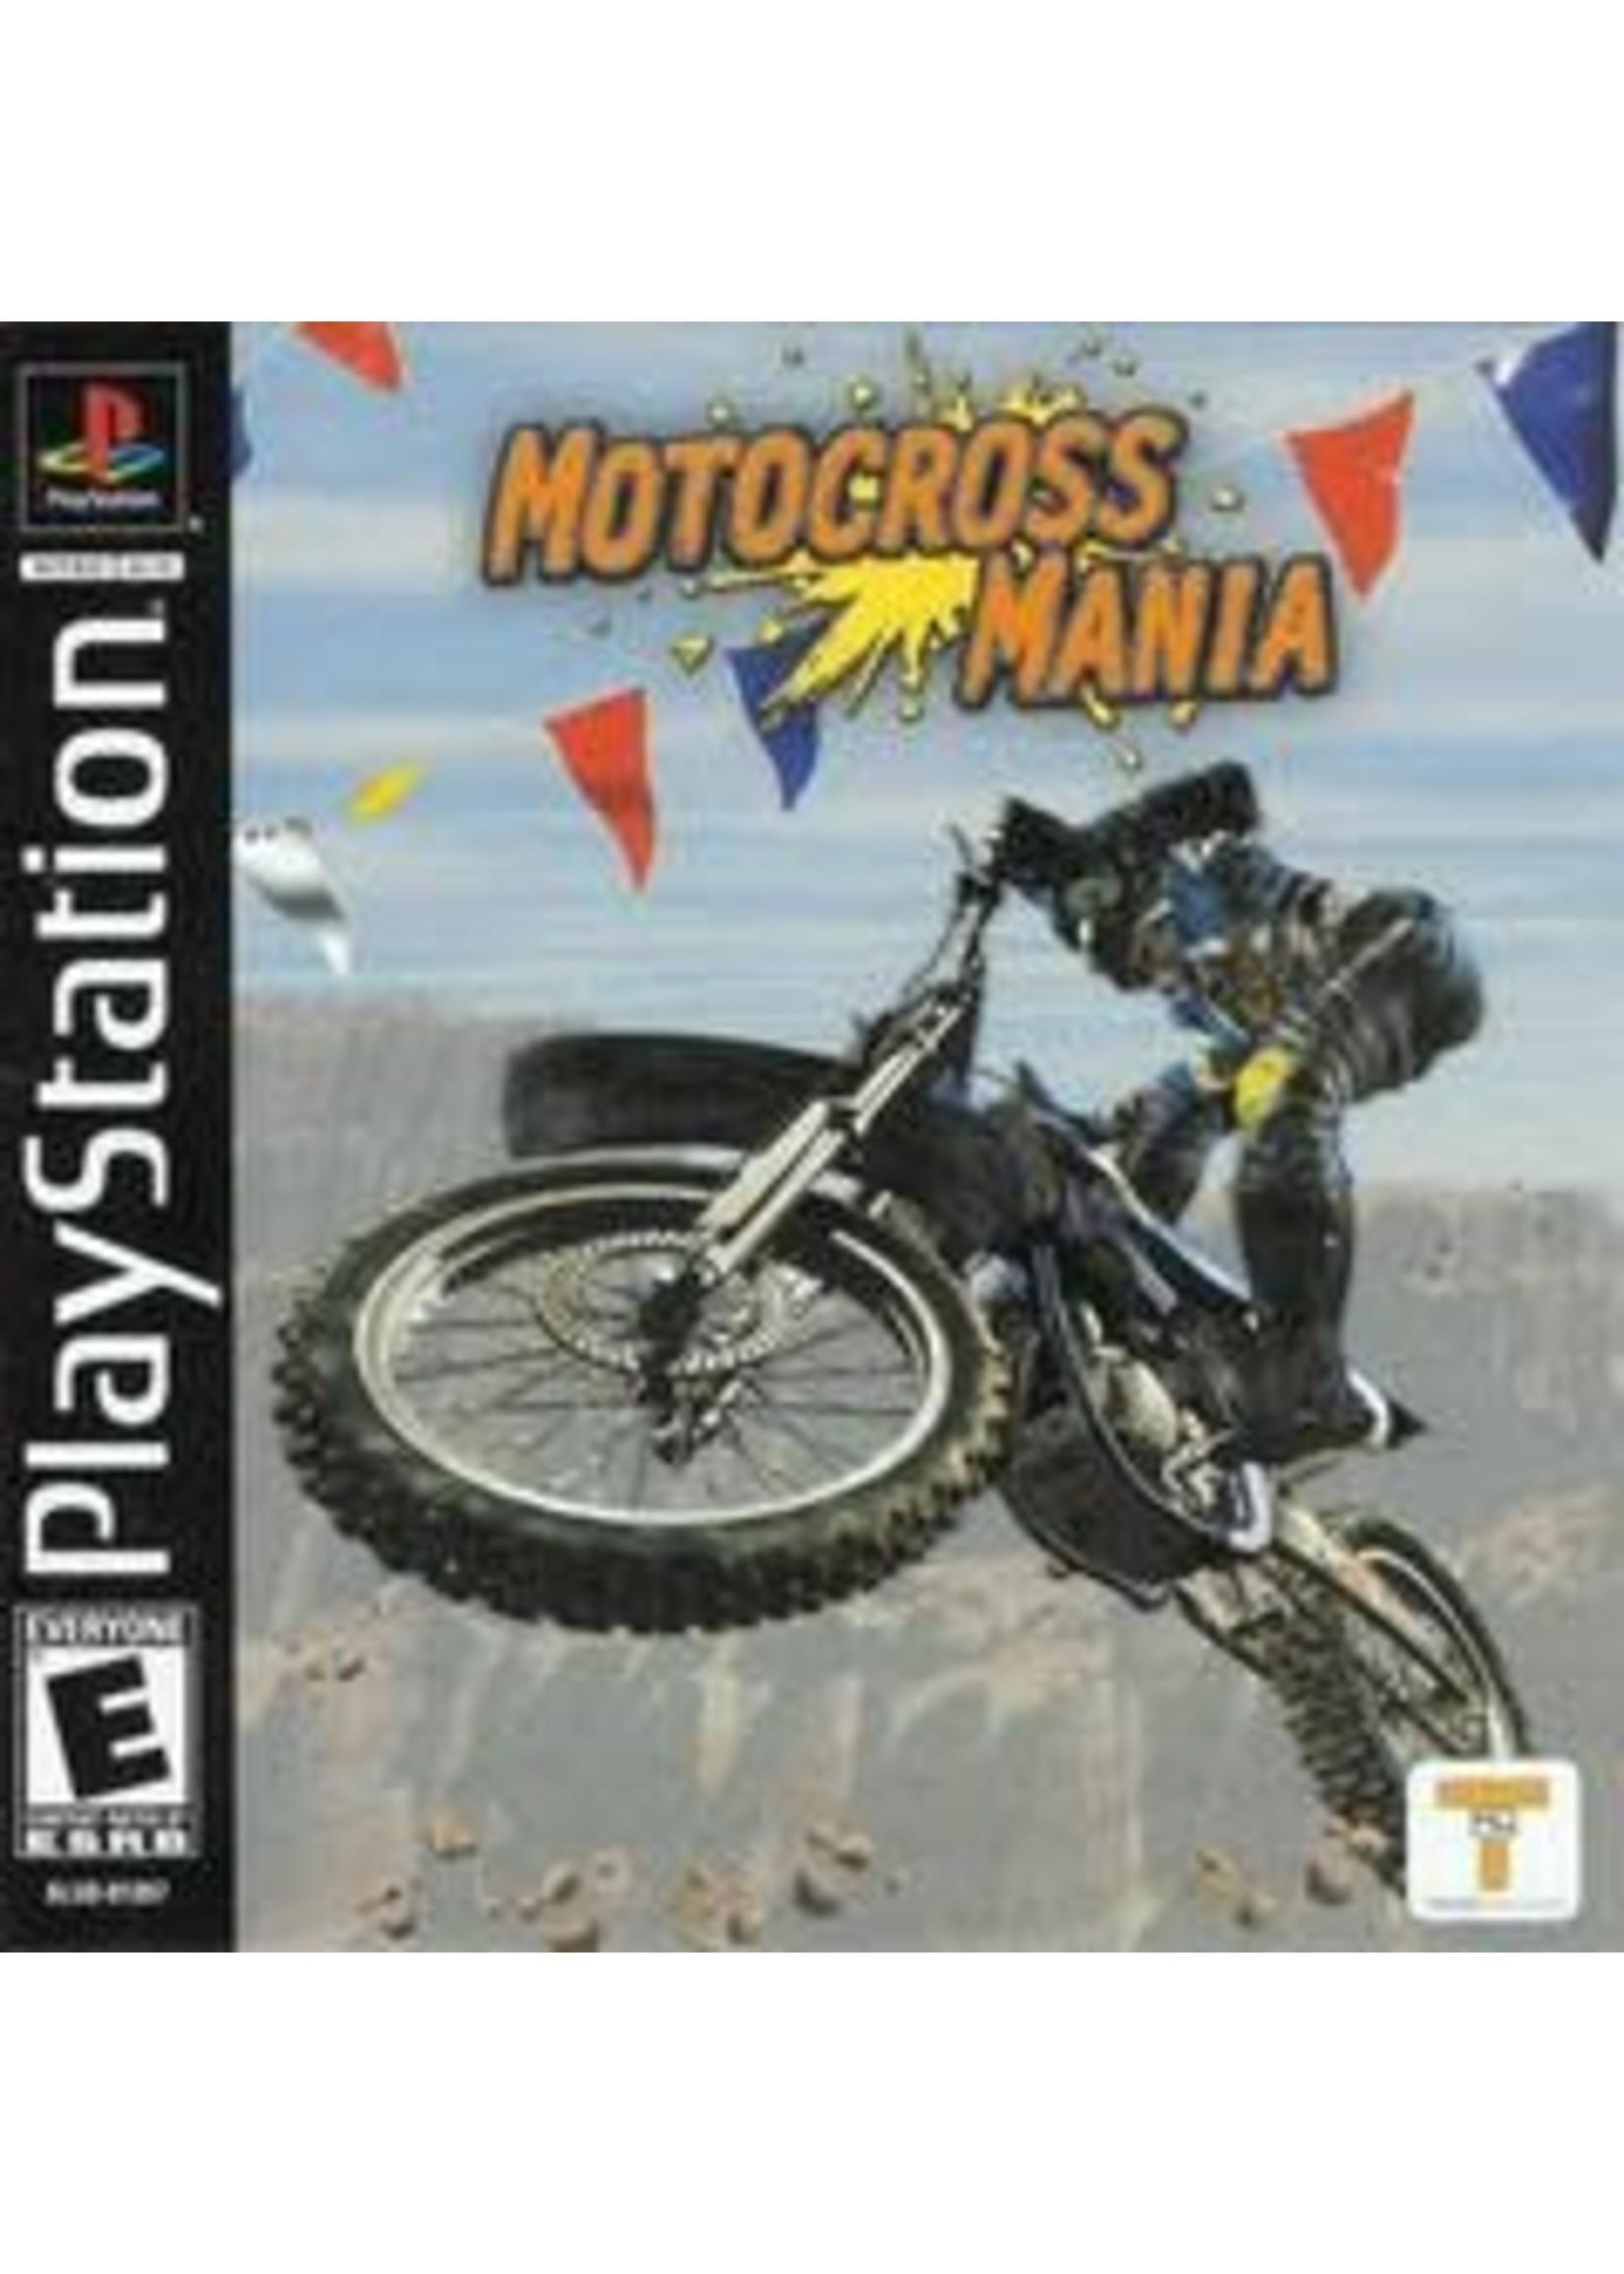 Motocross Mania Playstation